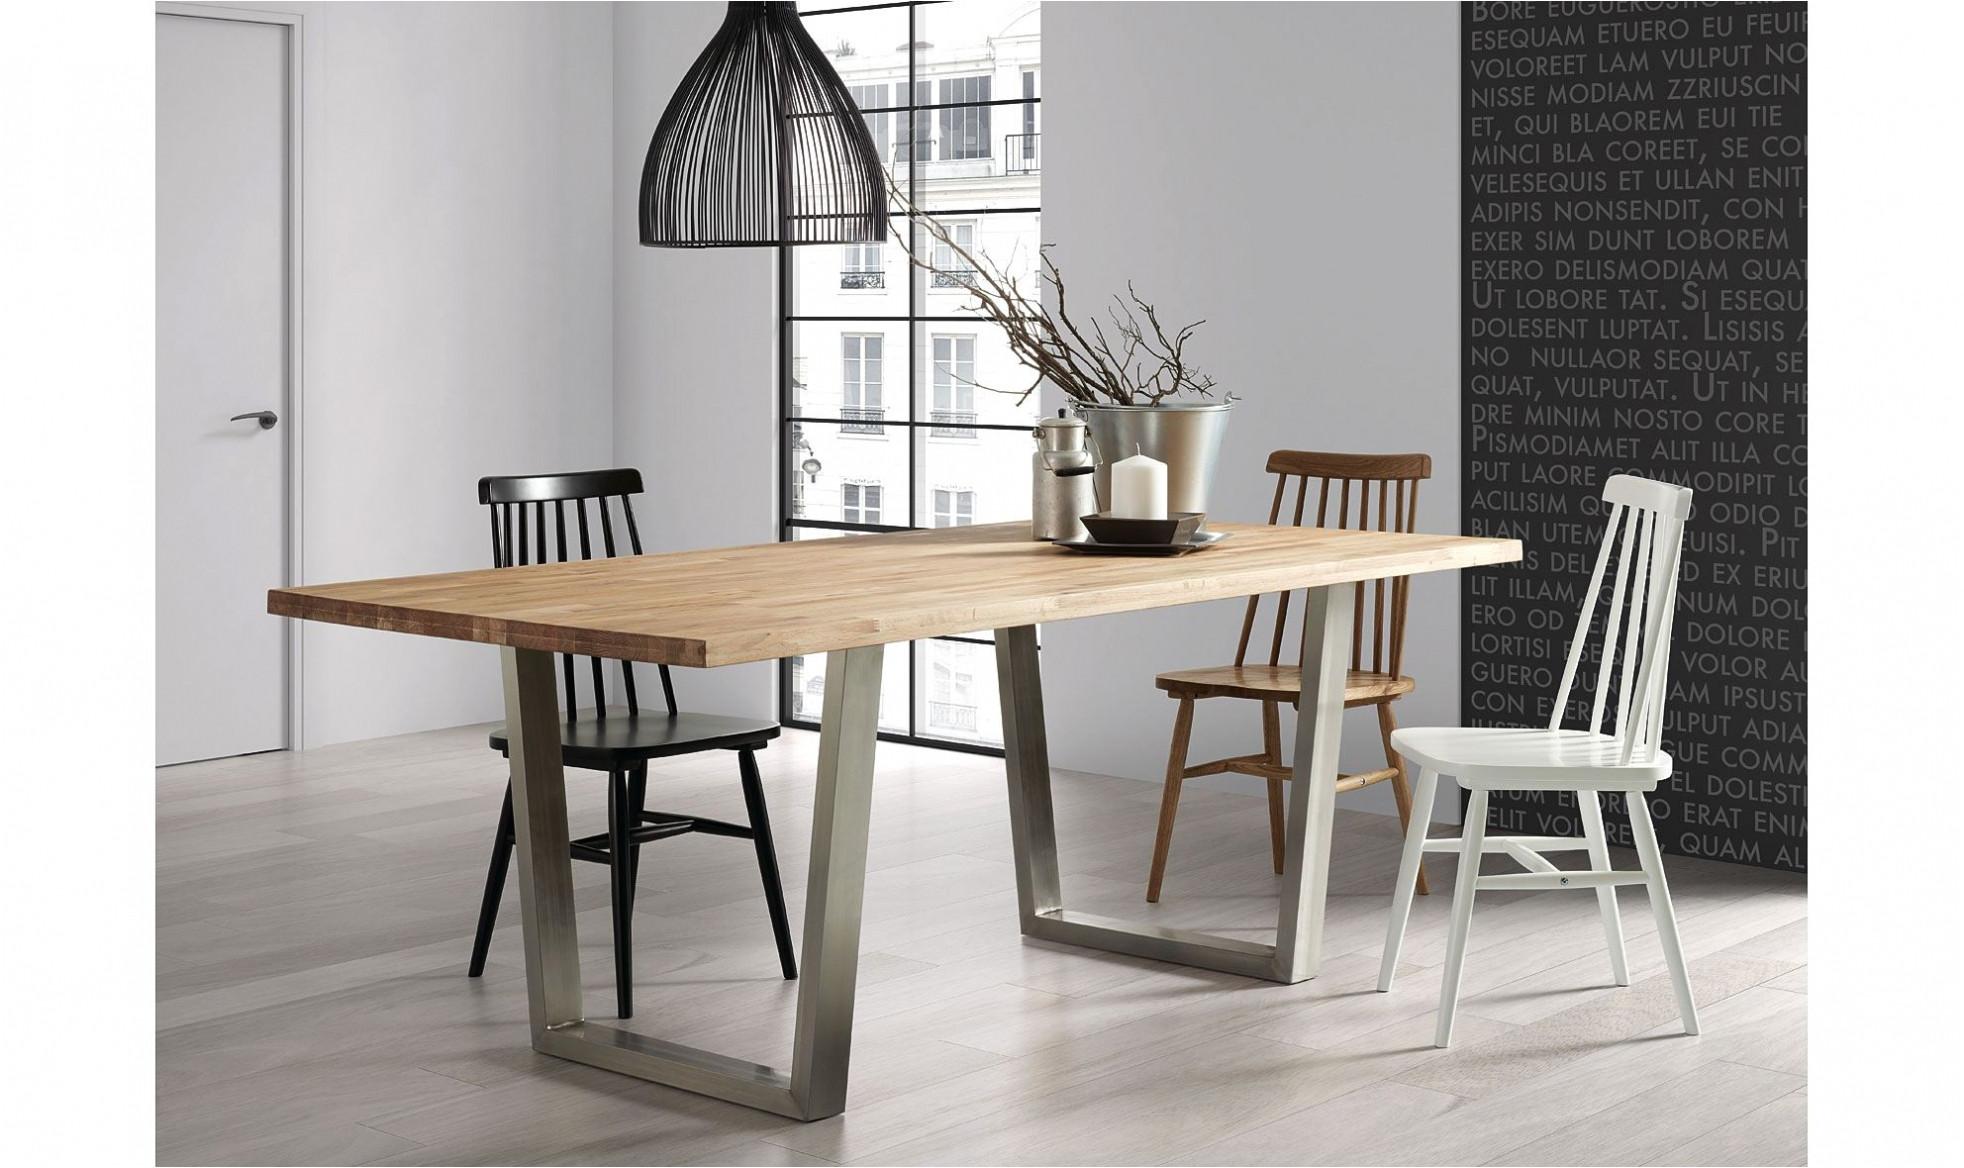 image de la hermoso mesa cristal templado estilo en embellecer vuestra patria mesa acero